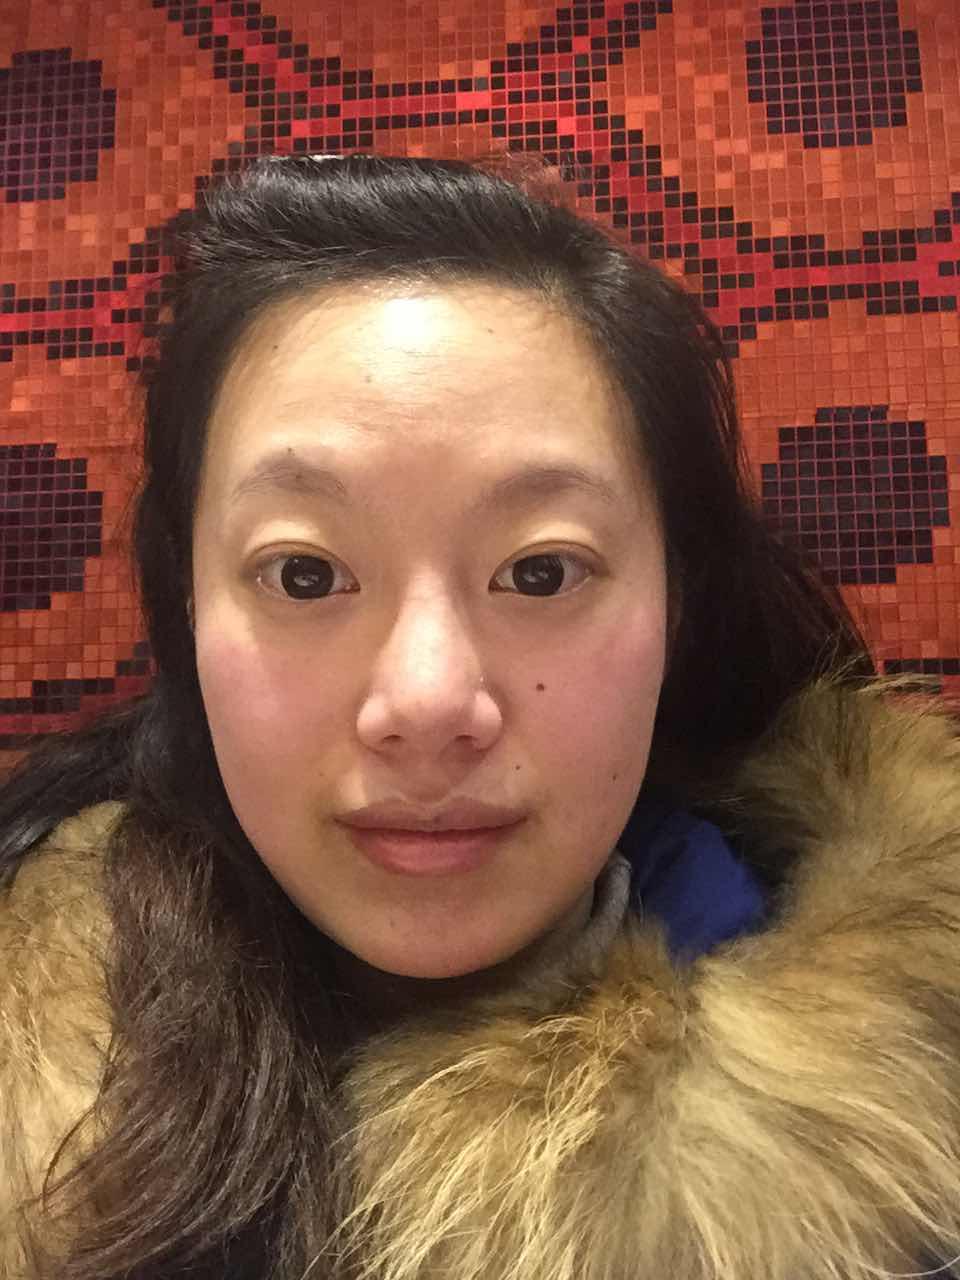 女人眉毛少是什么原因,有没有什么办法解决比较好